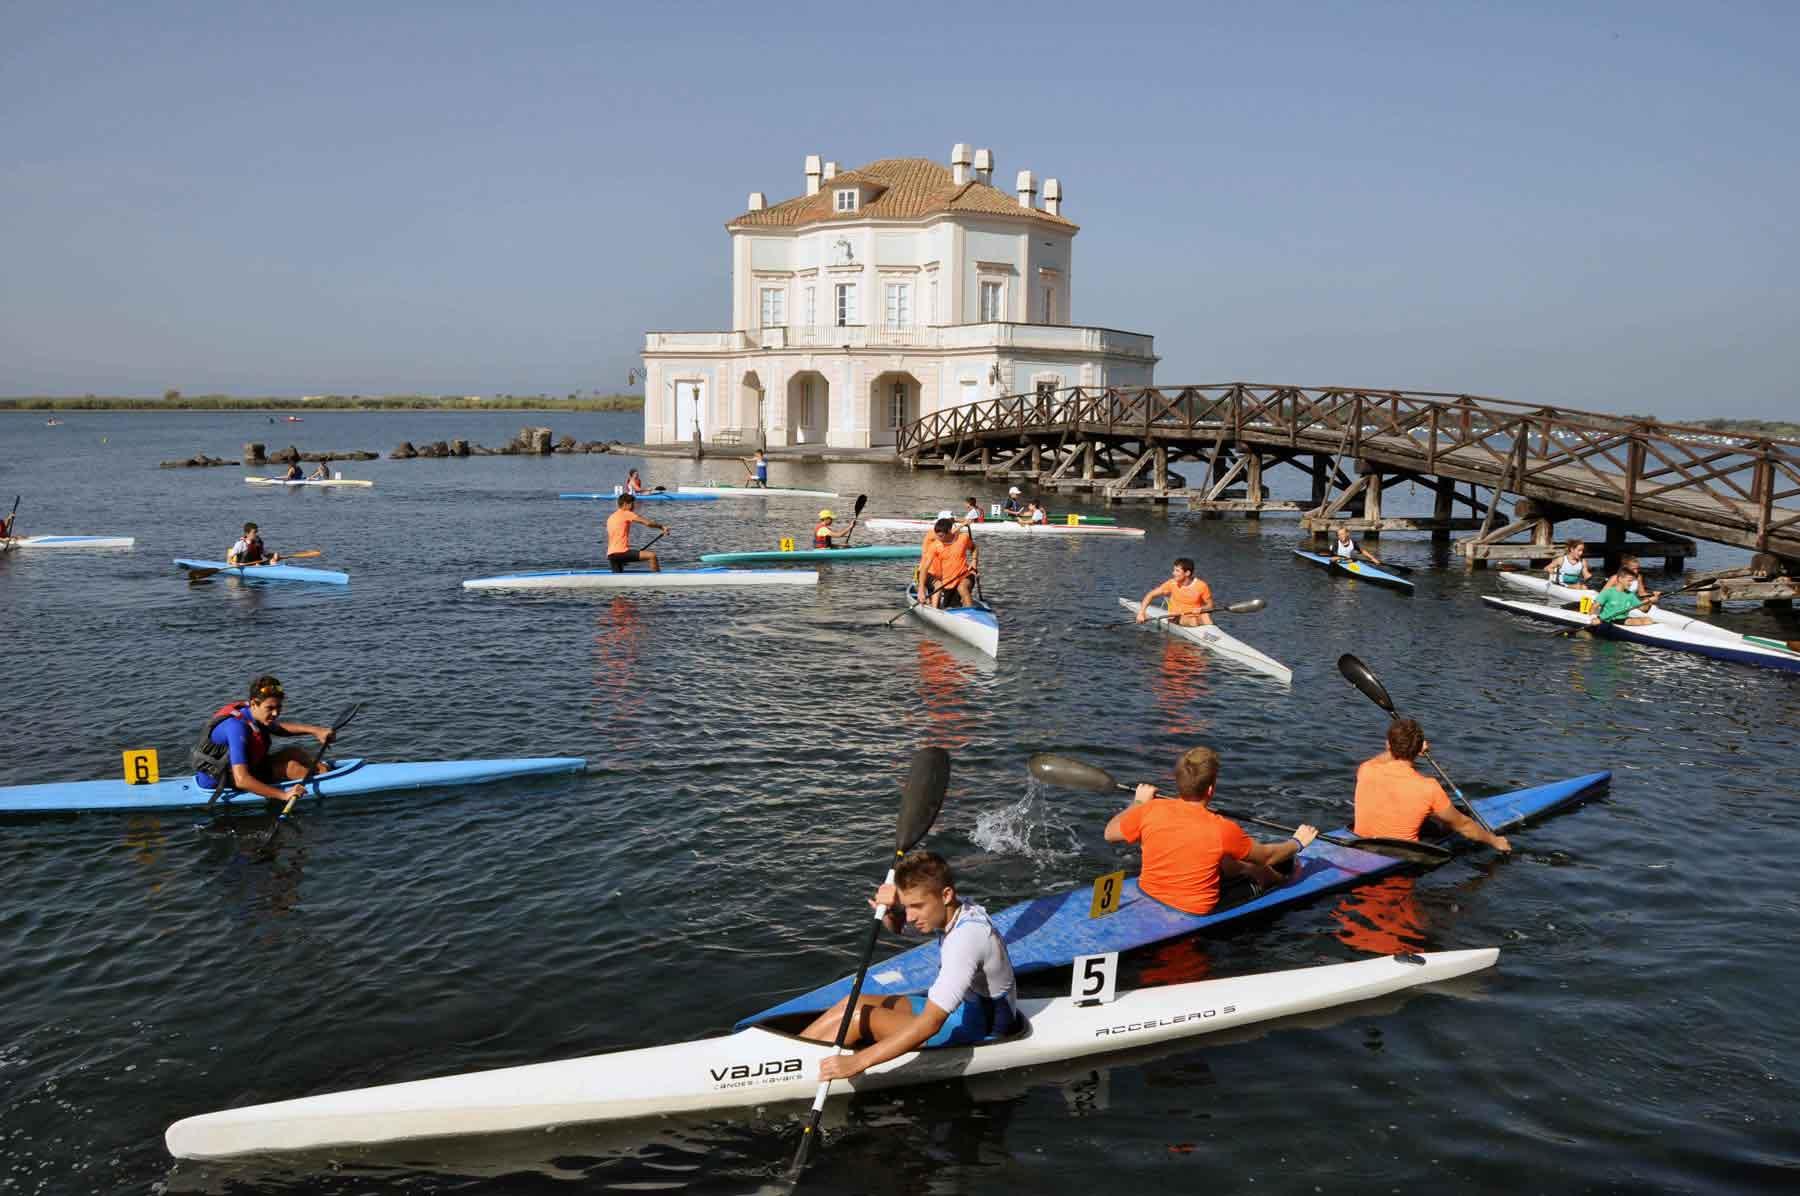 Trofeo-canoa-(2)